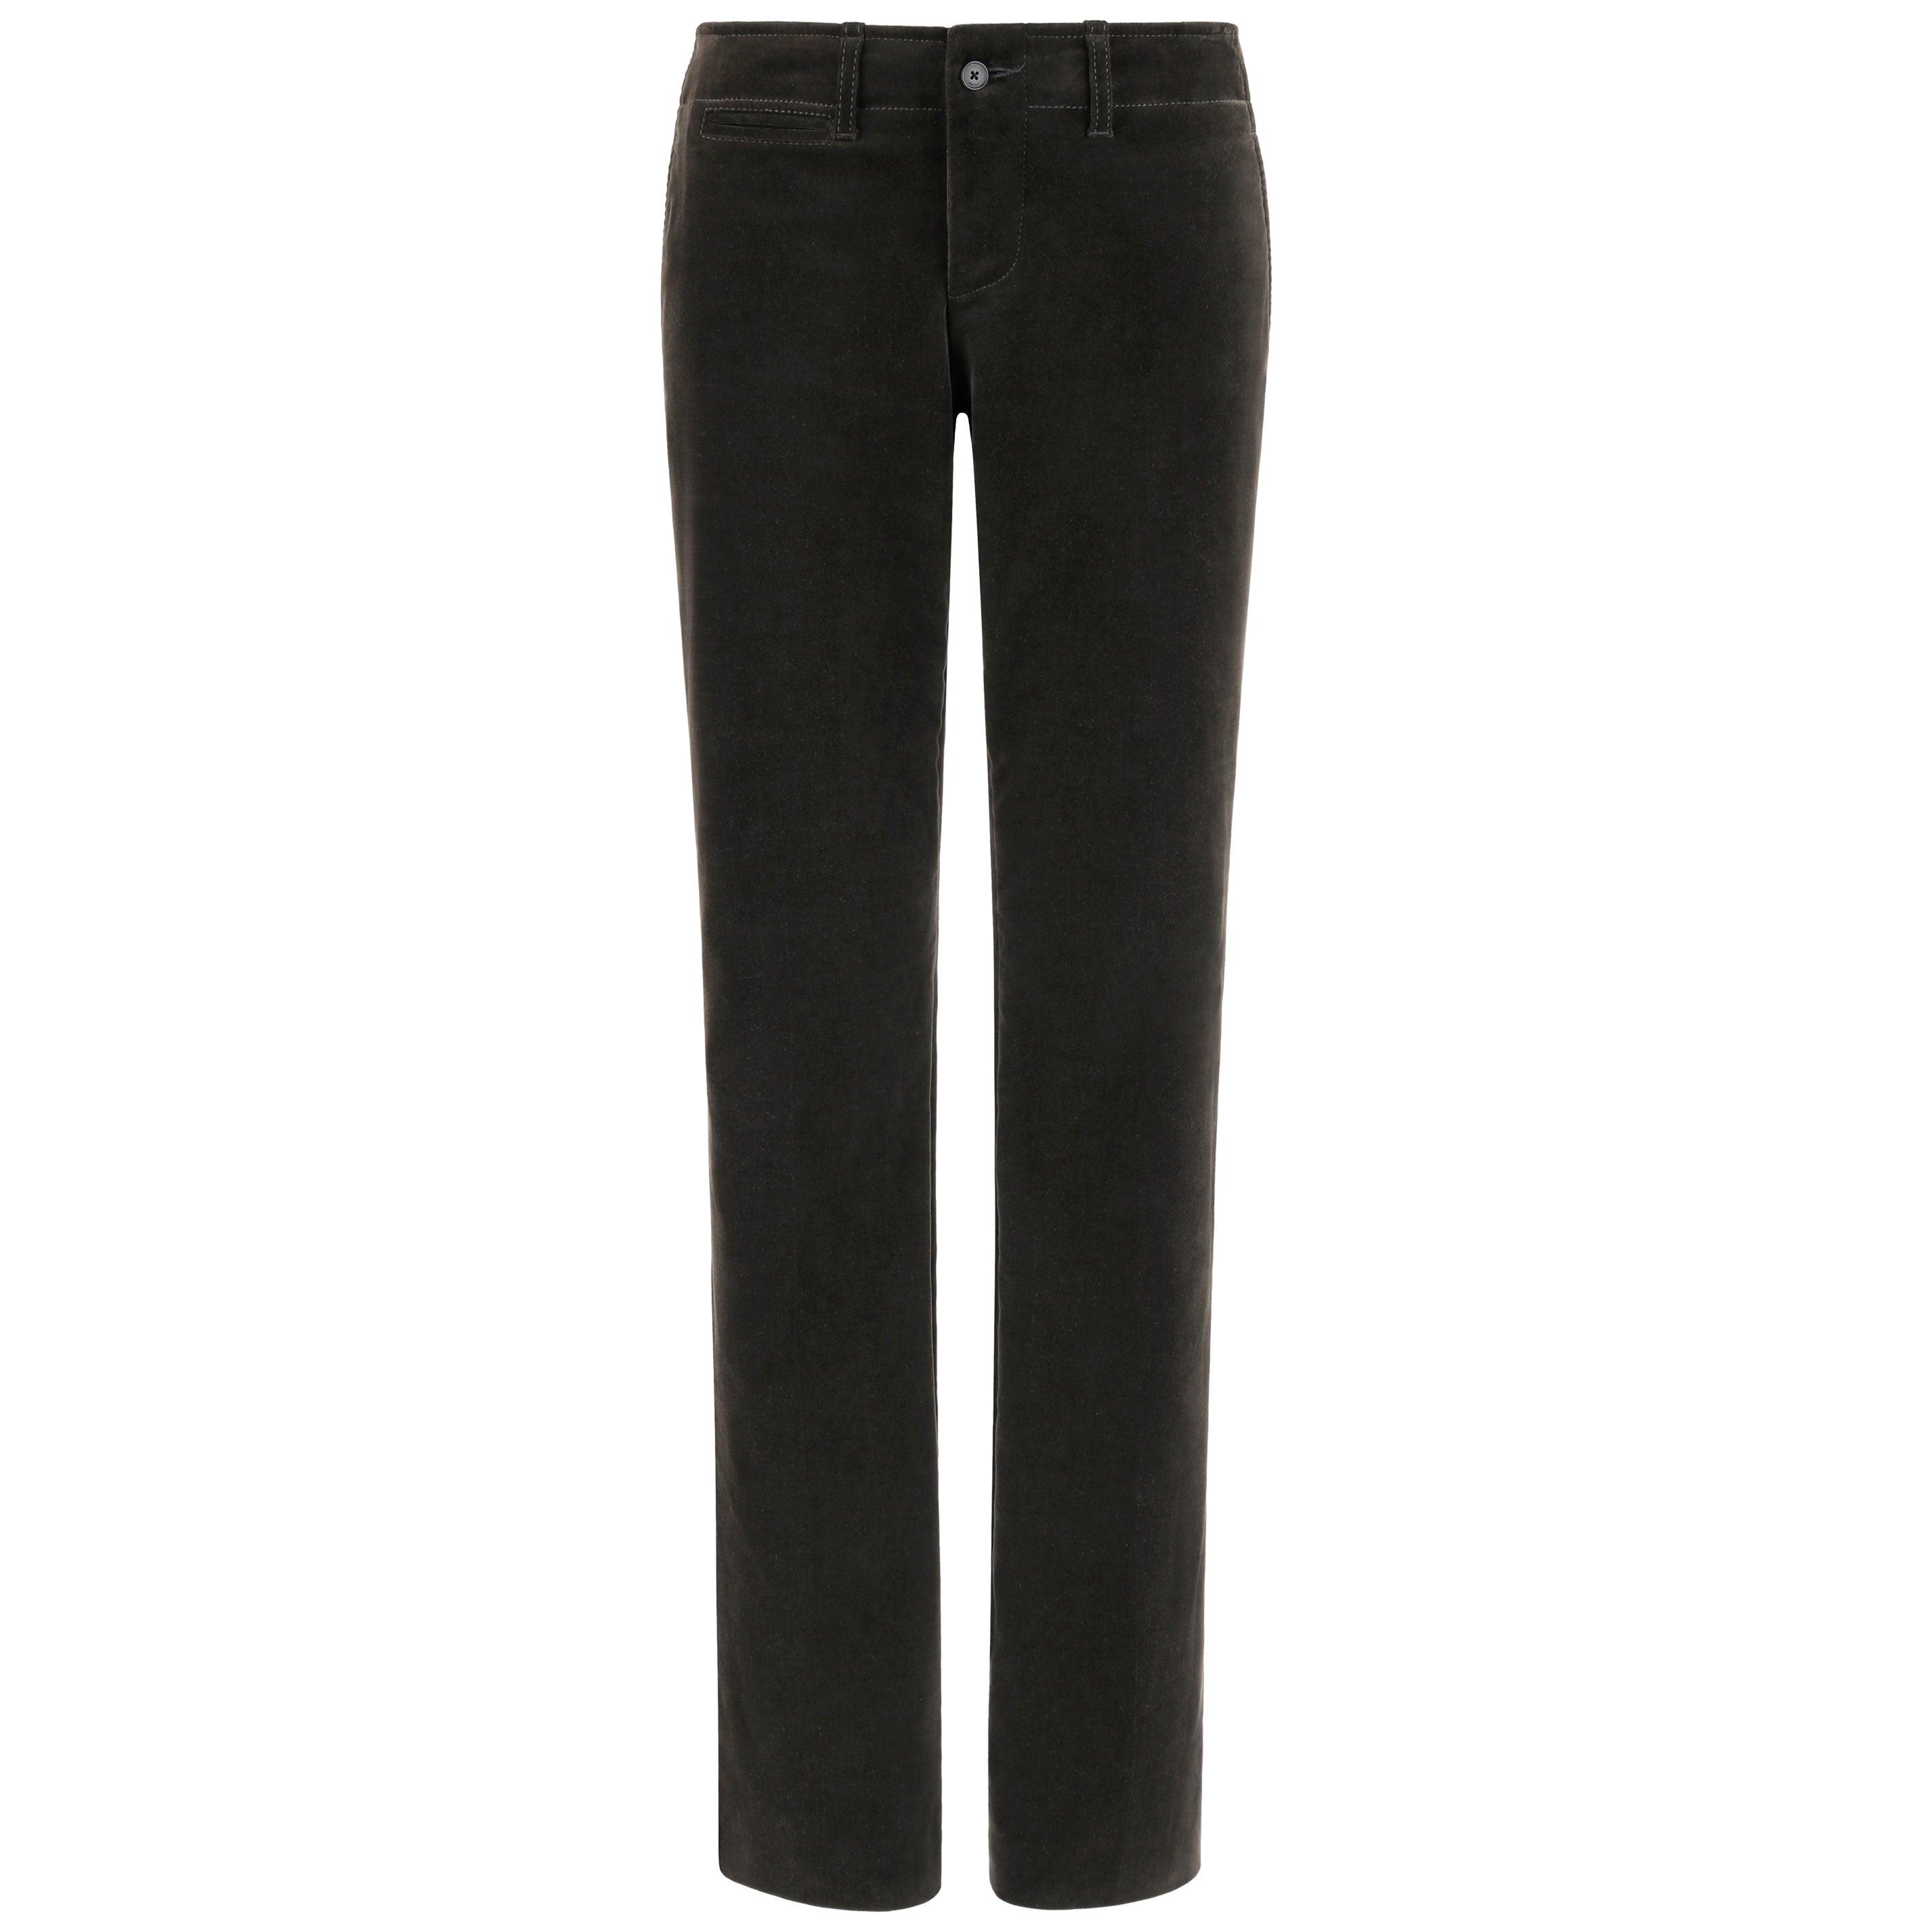 GUCCI Tom Ford c. 1990's Dark Gray Green Velvet Straight Leg Trousers Pants 42